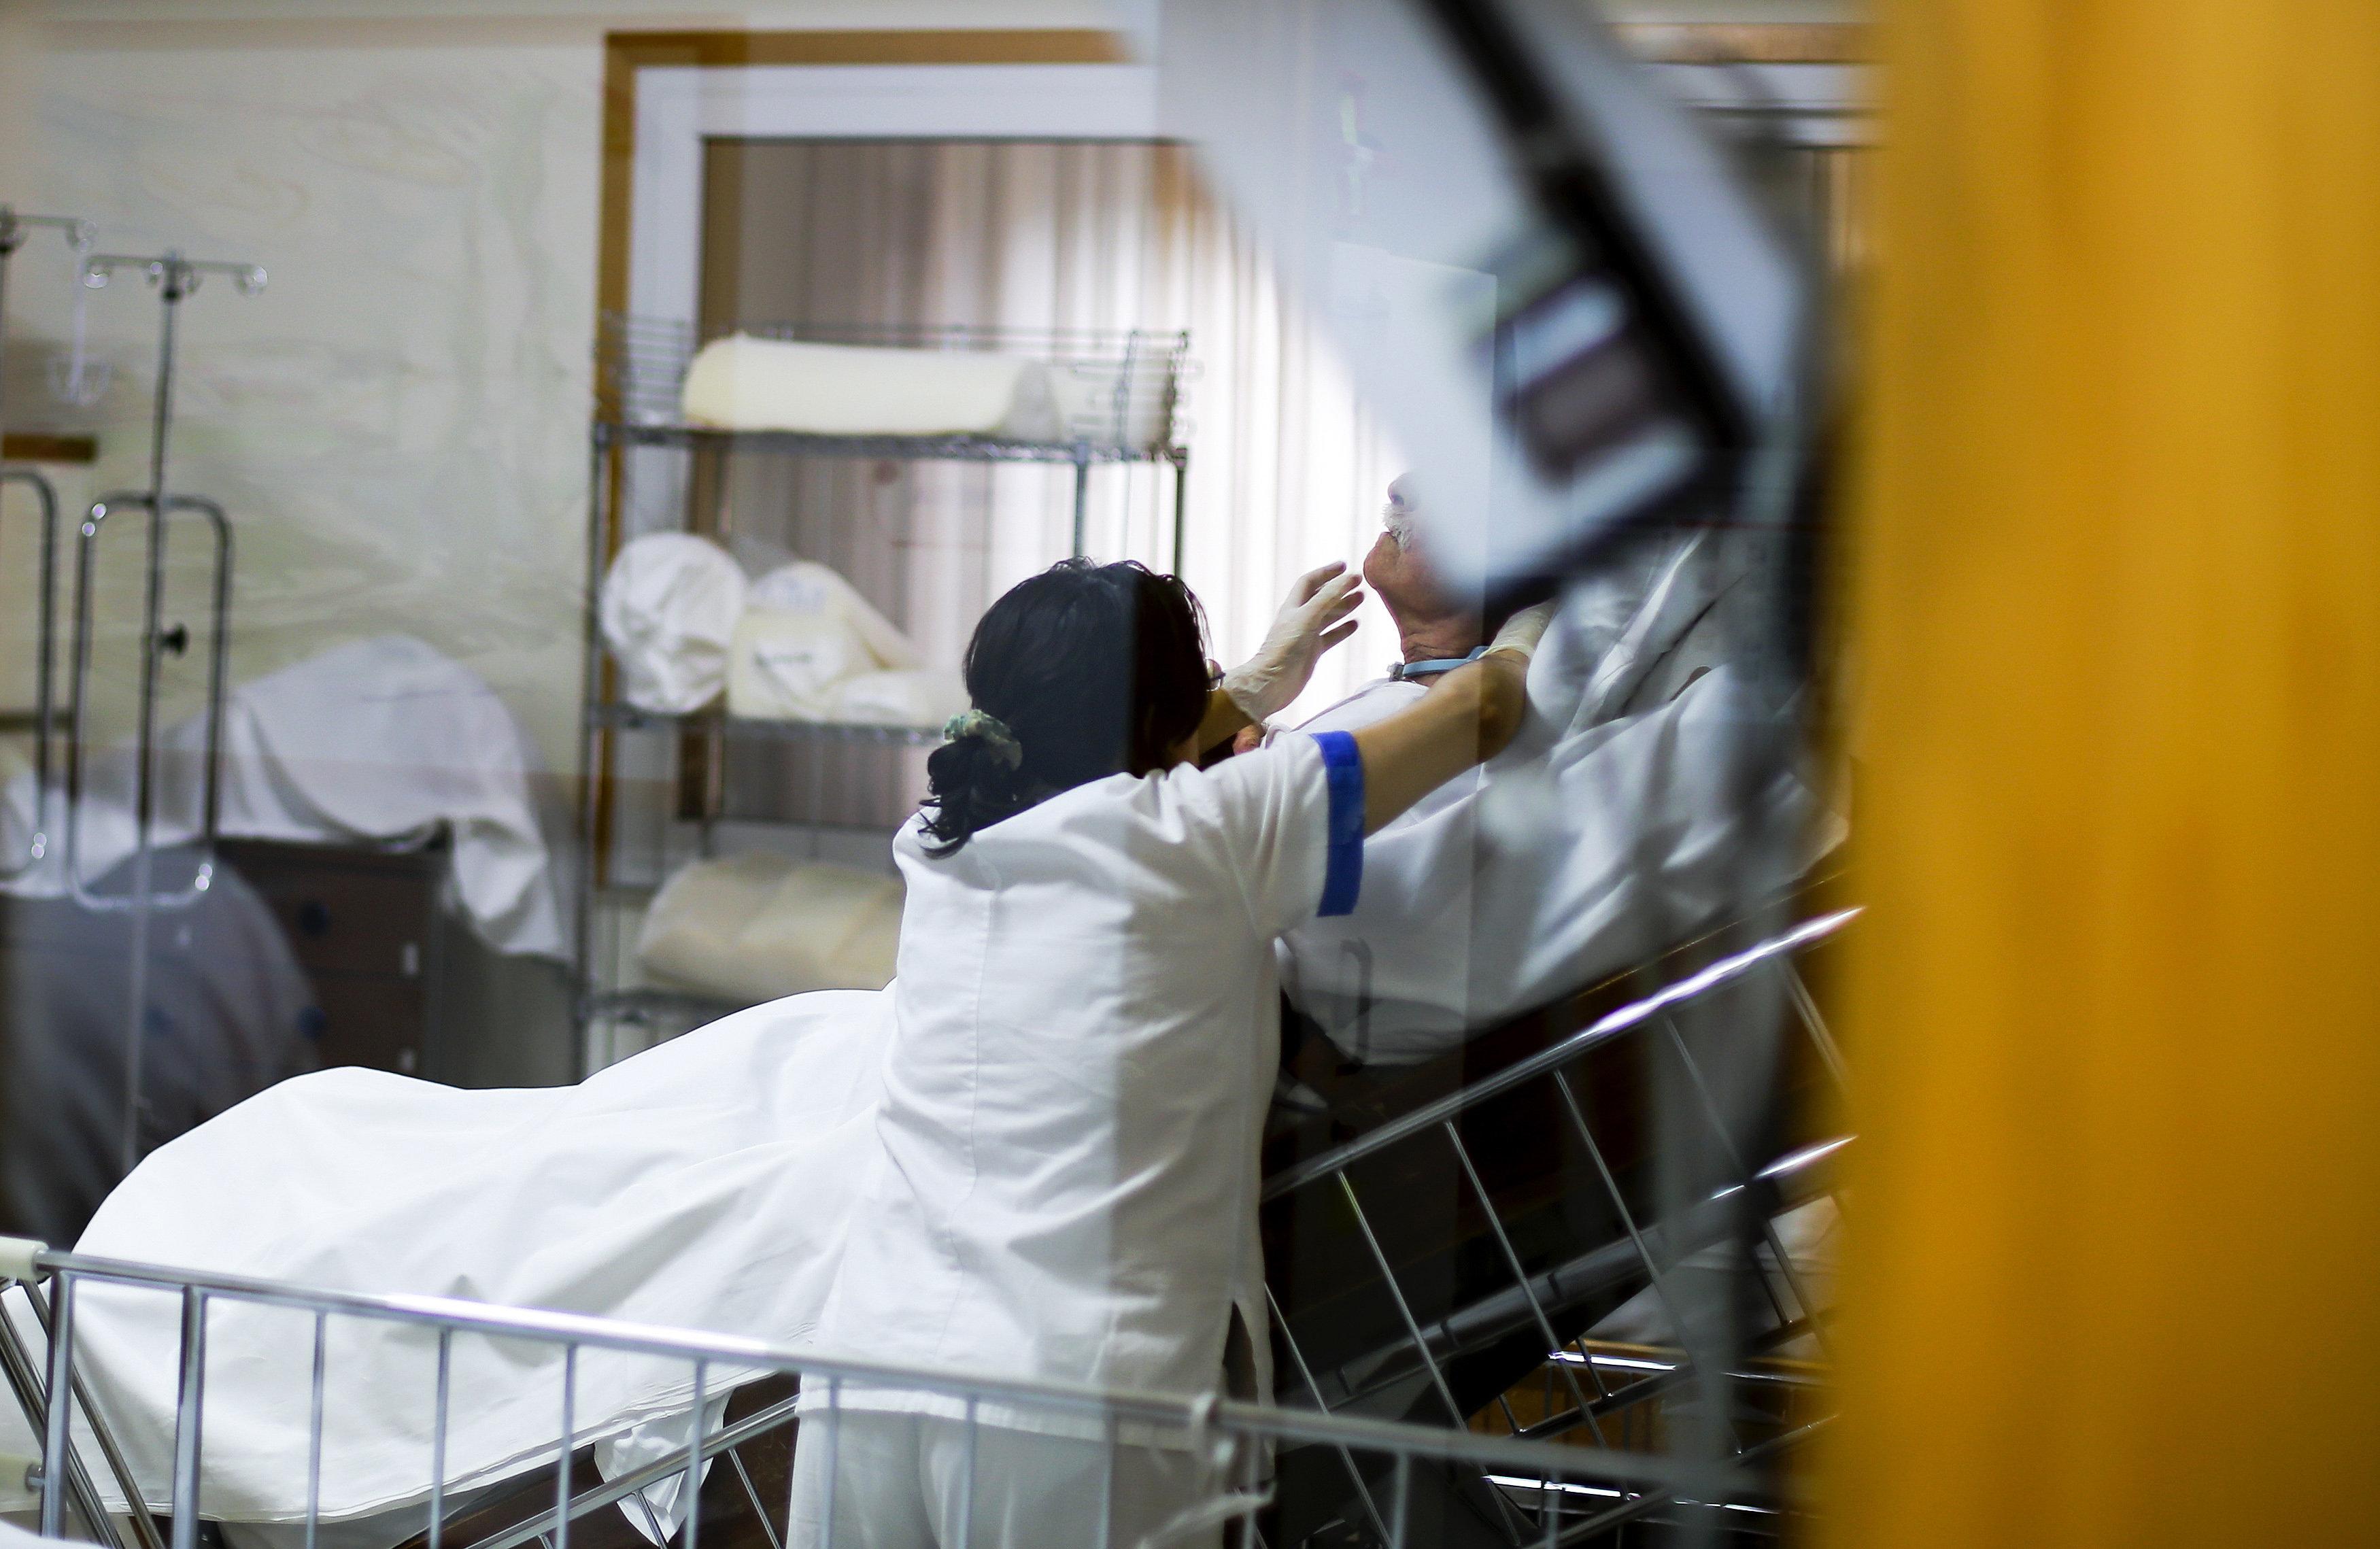 Ισόβια σε Ιταλίδα νοσοκόμα για τους φόνους τεσσάρων